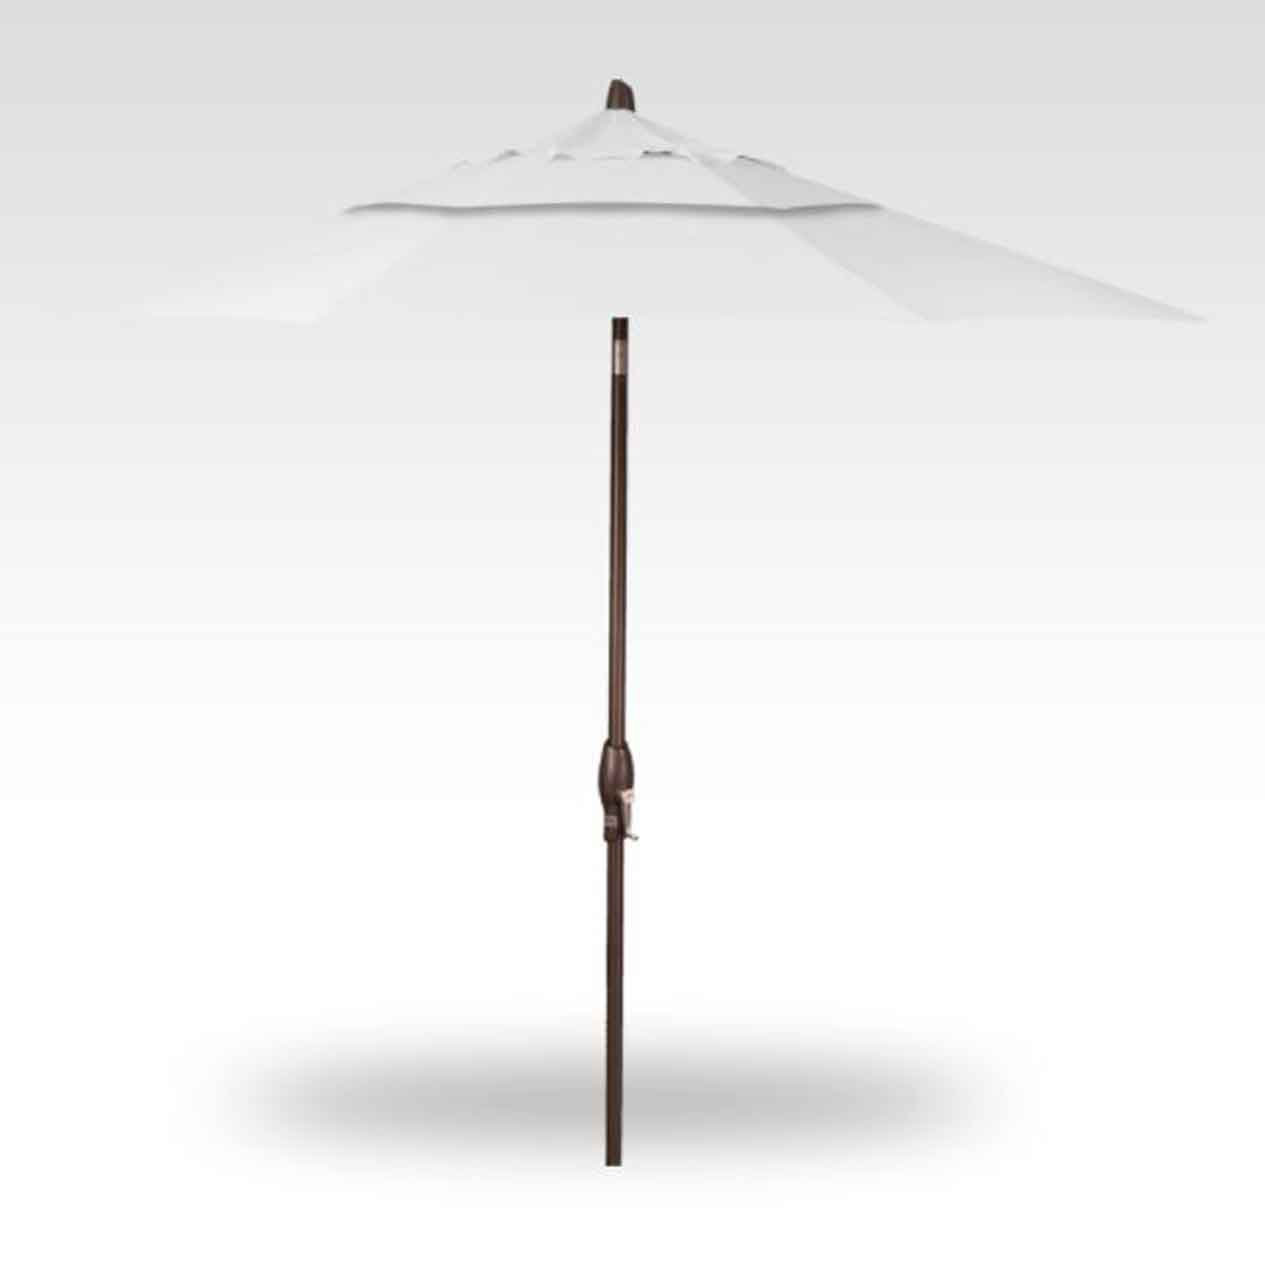 9' Auto Tilt Market Umbrella - Canvas Natural